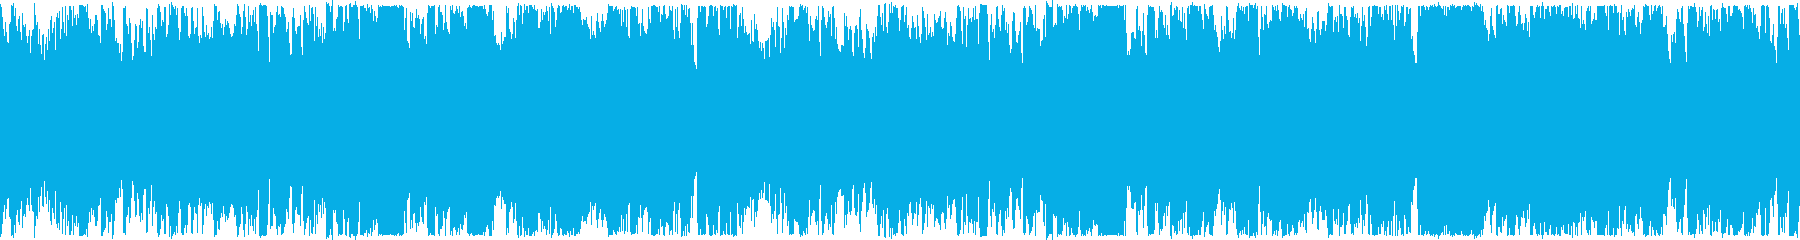 映画・夏のビーチ・男性ボーカルレゲエの再生済みの波形